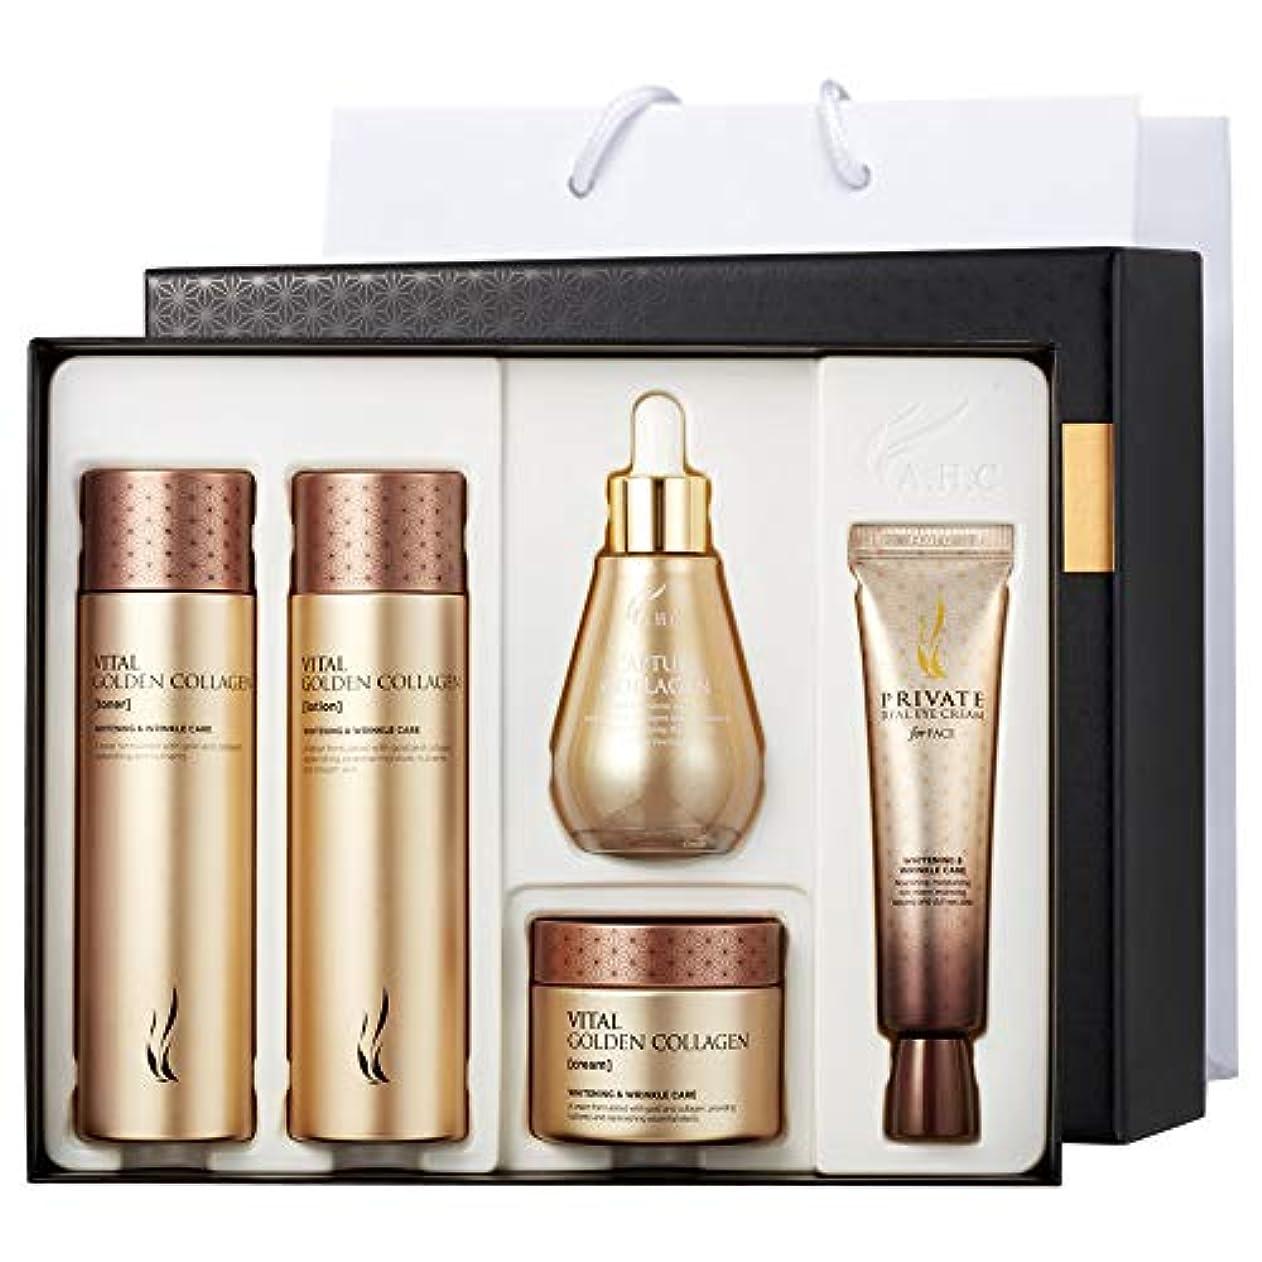 建築清める二十A.H.C Vital Golden Collagen Special Skin Care Set +Shopping Bag バイタルゴールデンコラーゲンフェイスケアセット トナー/ローション/クリーム/アイクリーム/アンプル [並行輸入品]